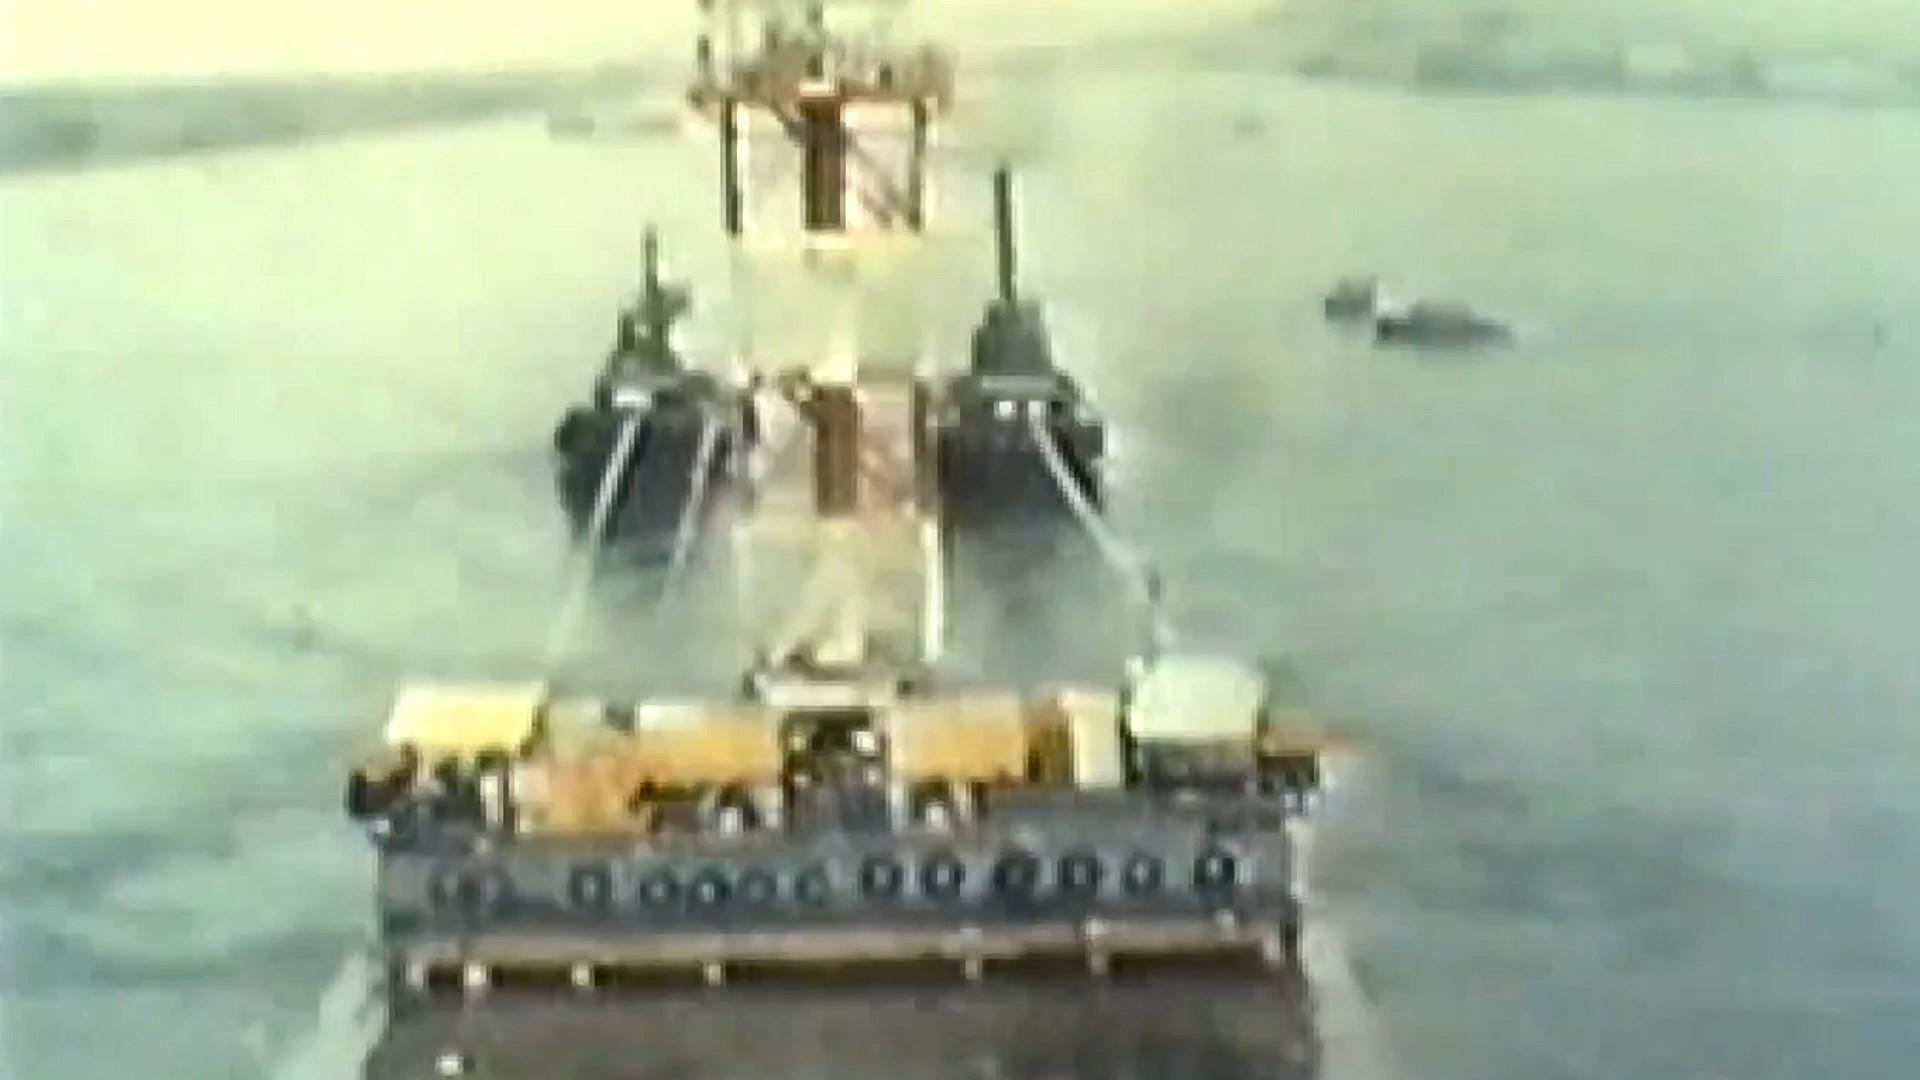 高雄港:以駁船拖動沉埋管到適當位置,打開預留之孔洞讓海水進入,而沈入海底,再以特殊柔性接頭接連六個沉埋管,最後,抽乾沉埋管內海水,隧道工程才順利完工